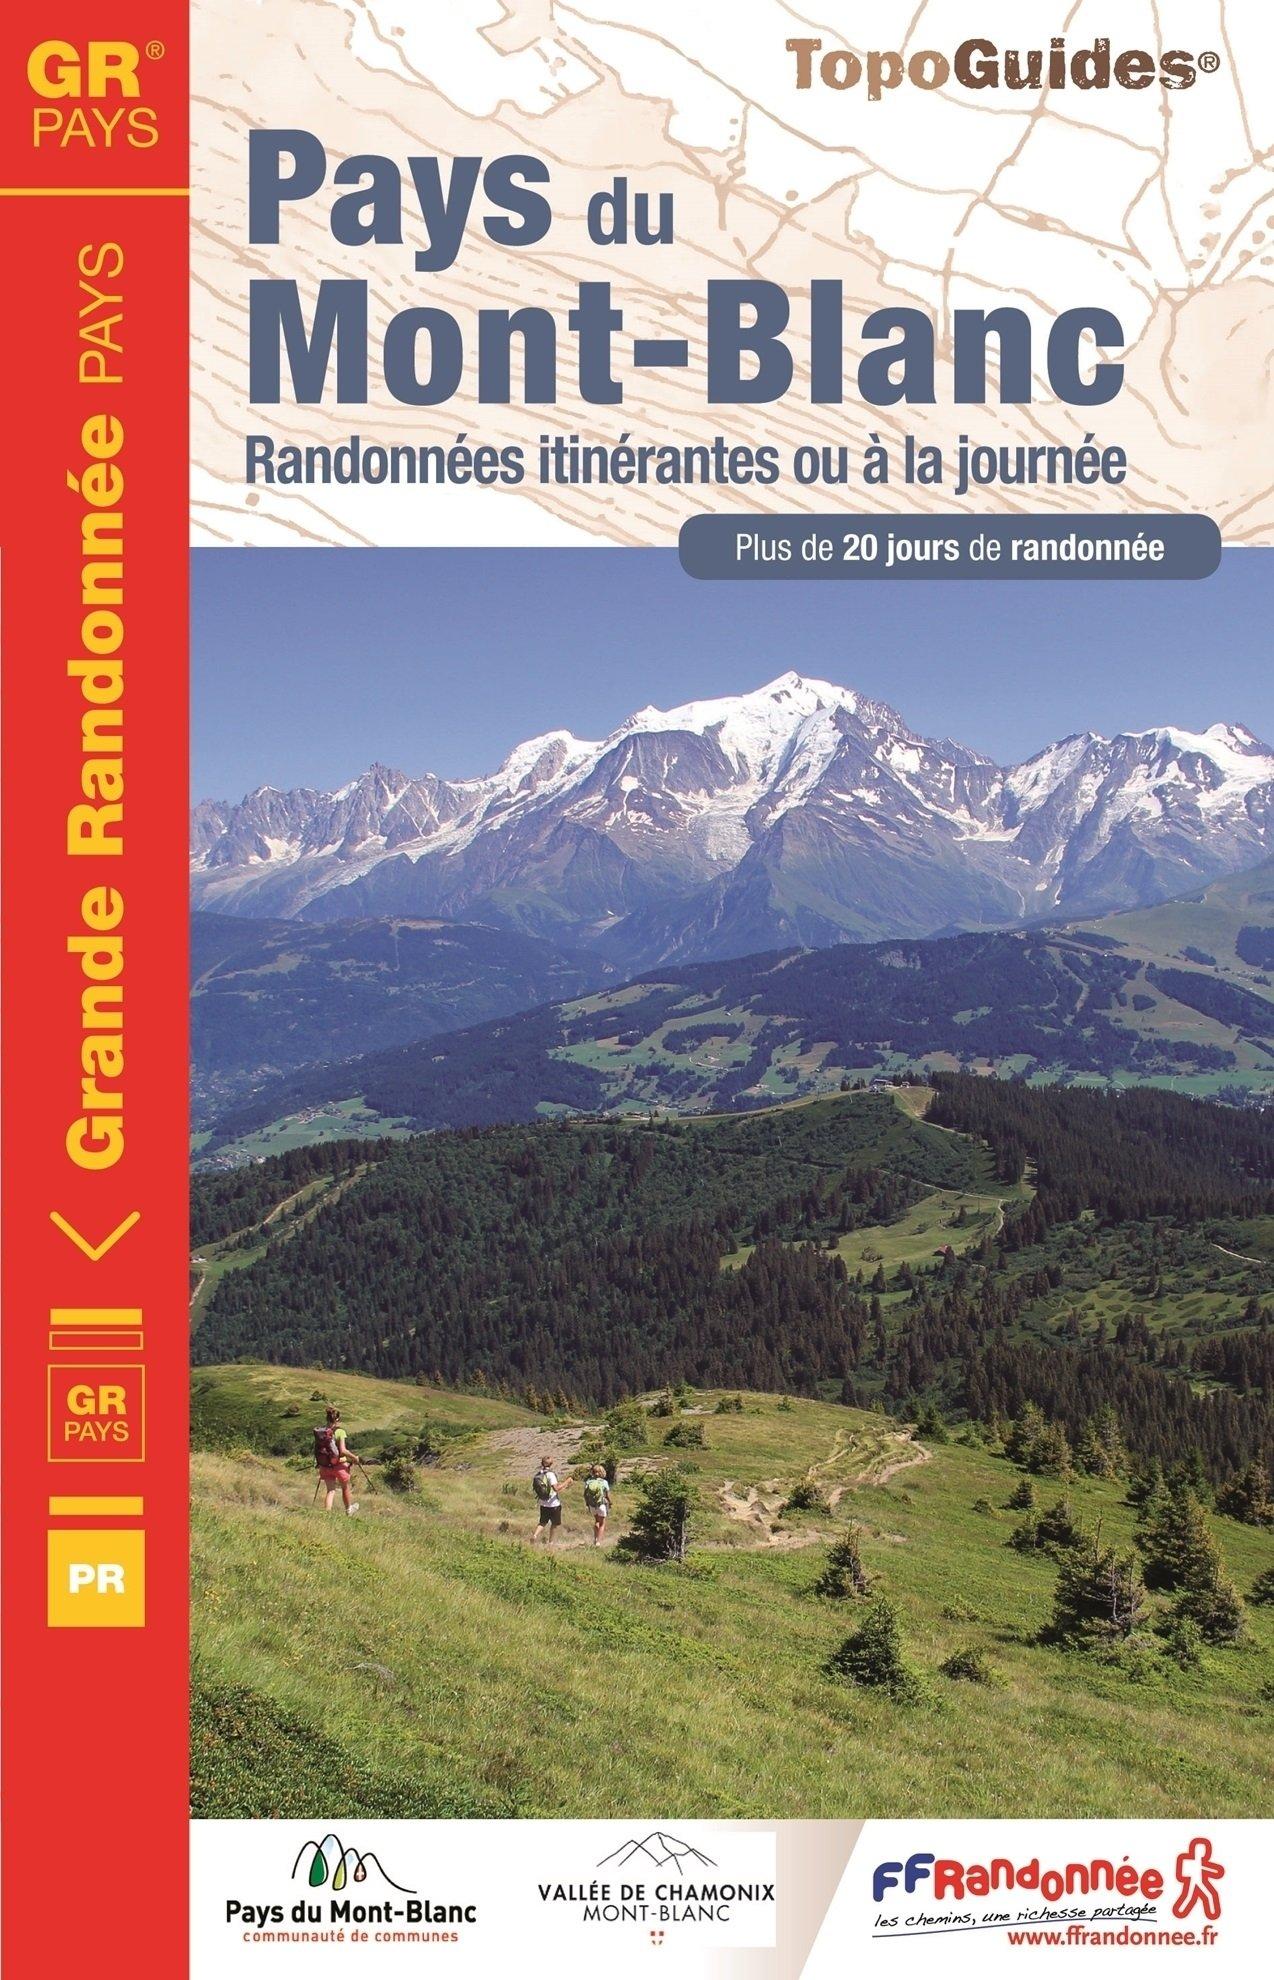 TG044  Tour du pays du Mont Blanc | wandelgids 9782751408489  FFRP Topoguides  Meerdaagse wandelroutes, Wandelgidsen Haute Savoie, Mont Blanc